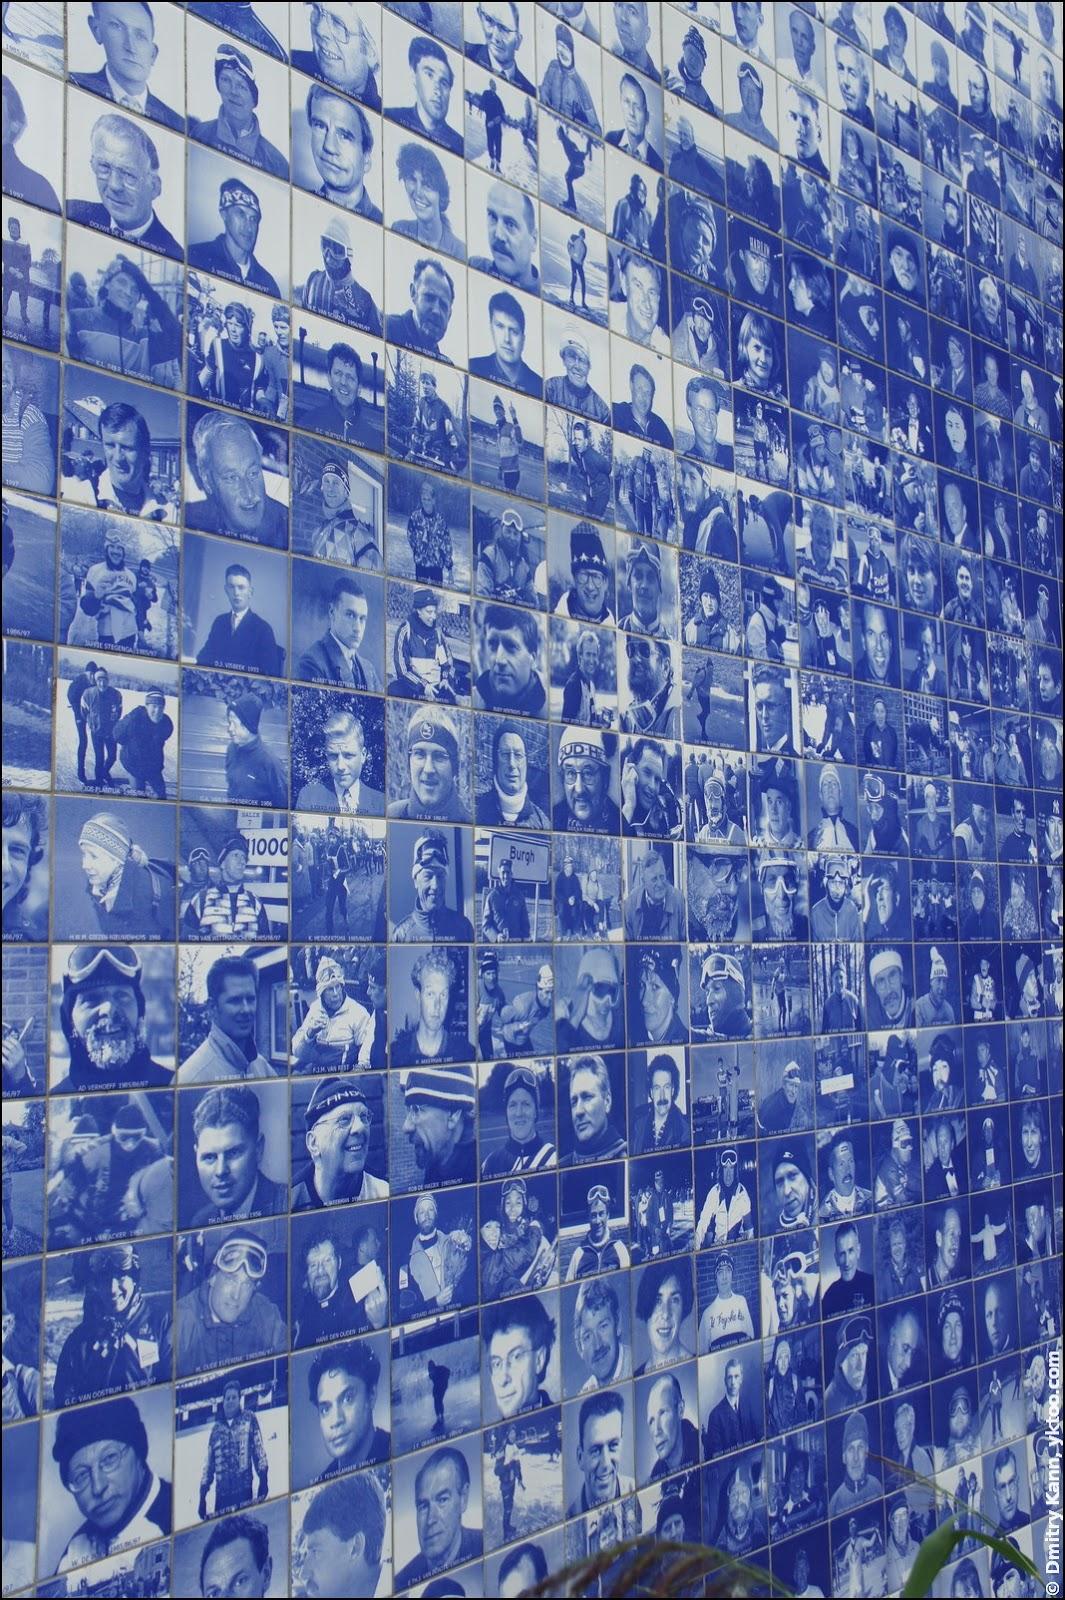 Elfstedenmonument — Более 7000 плиток.